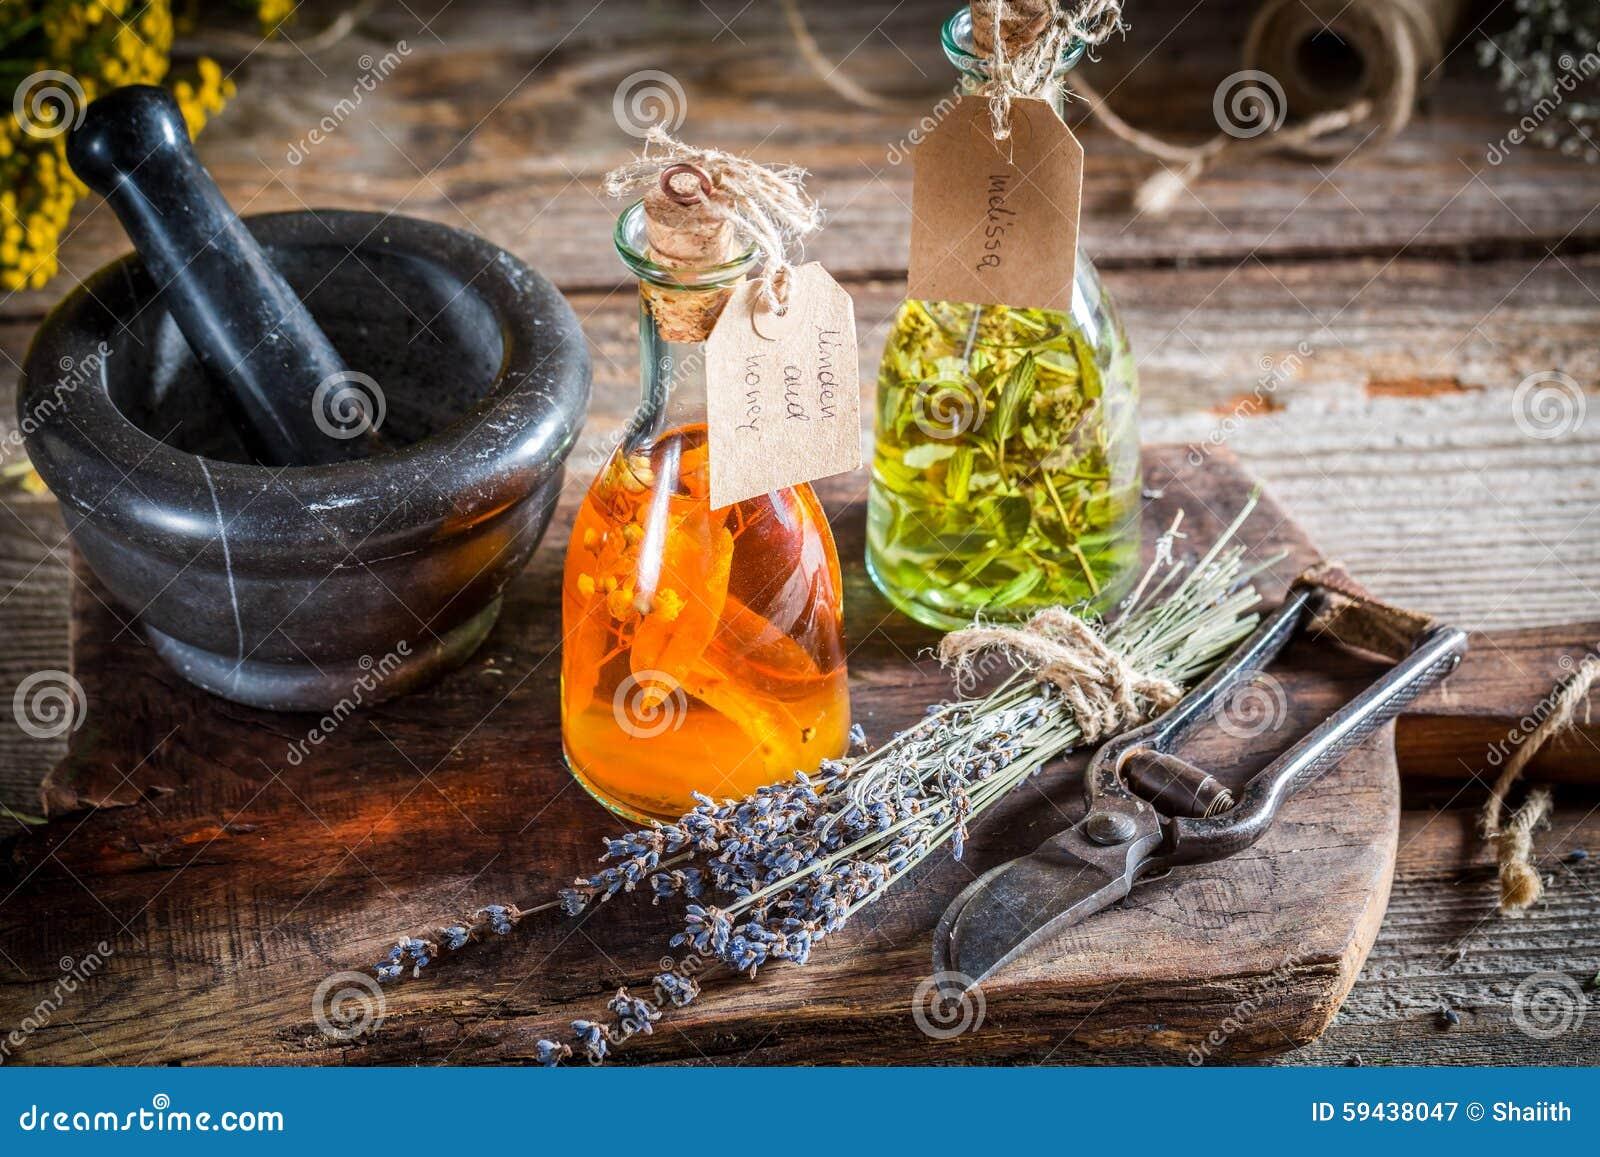 teinture faite maison dans des bouteilles avec de l 39 alcool et les herbes image stock image du. Black Bedroom Furniture Sets. Home Design Ideas